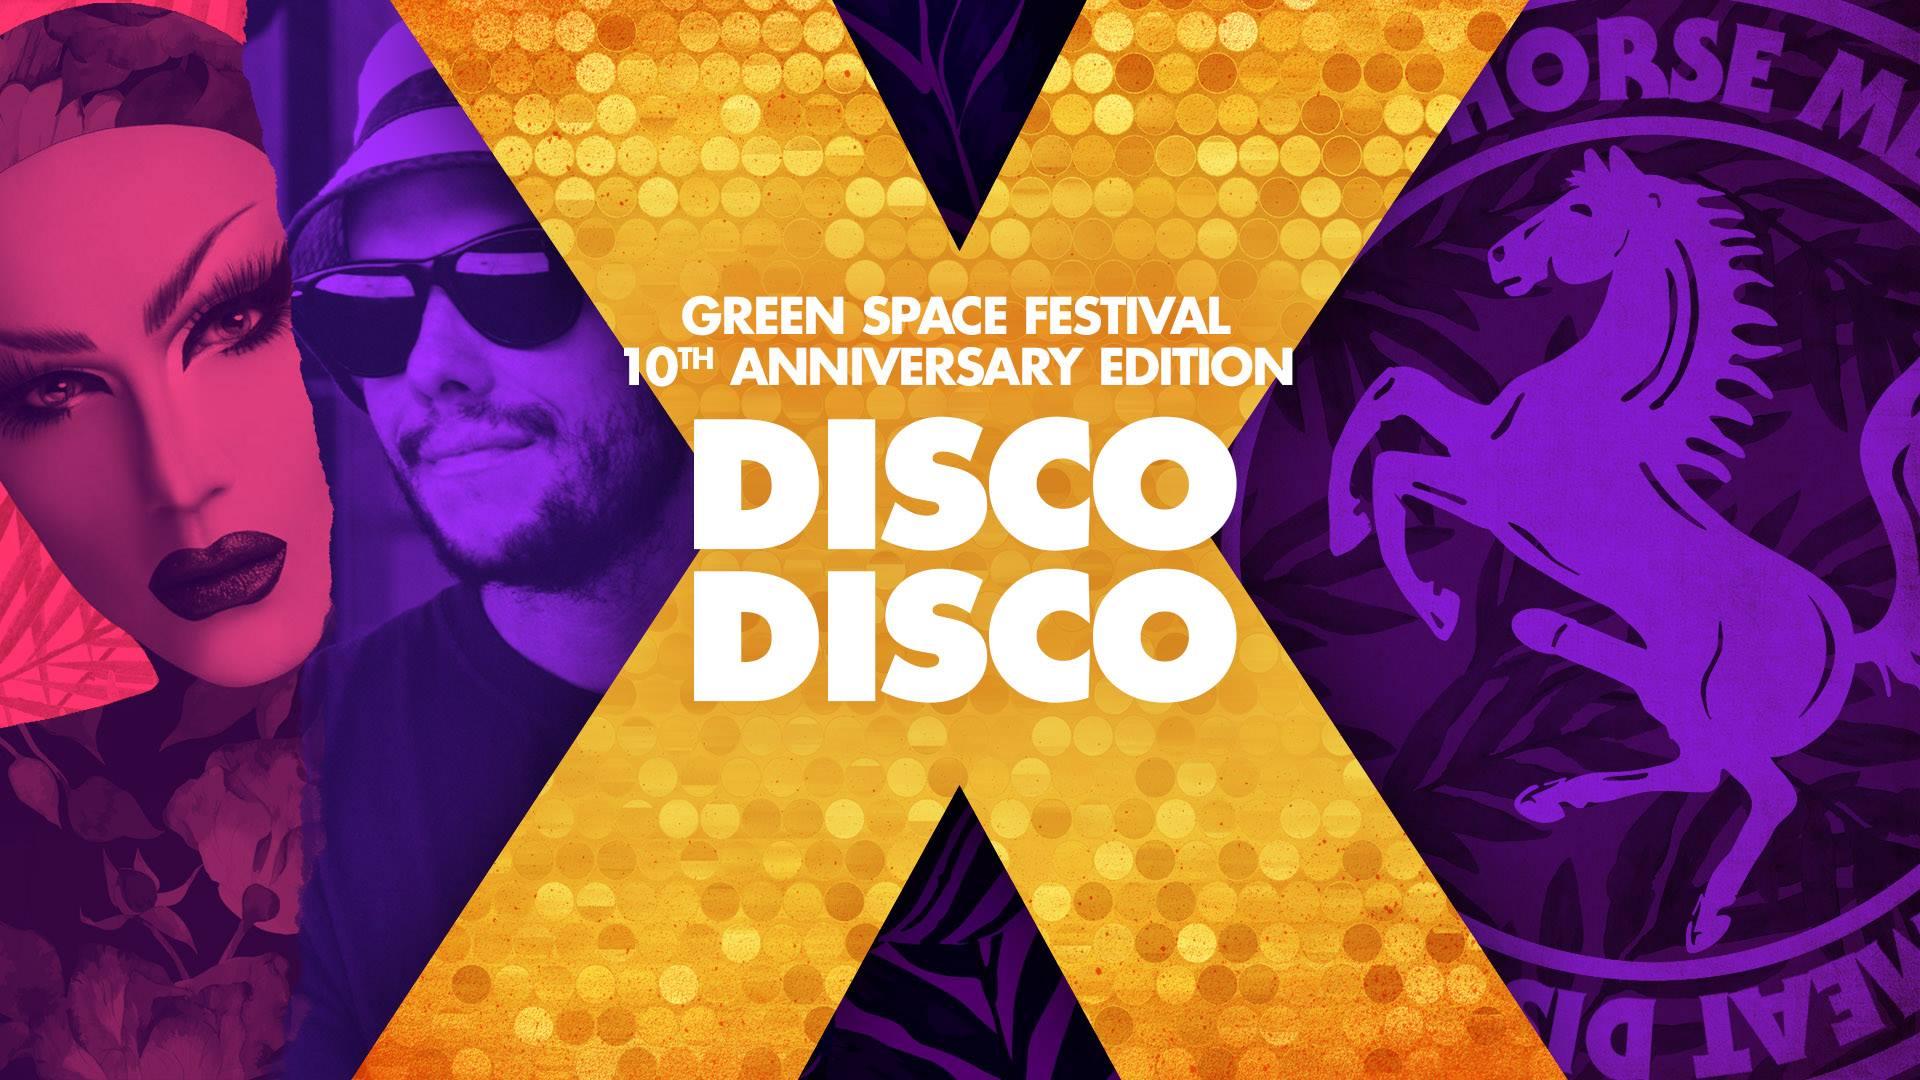 disco-disco